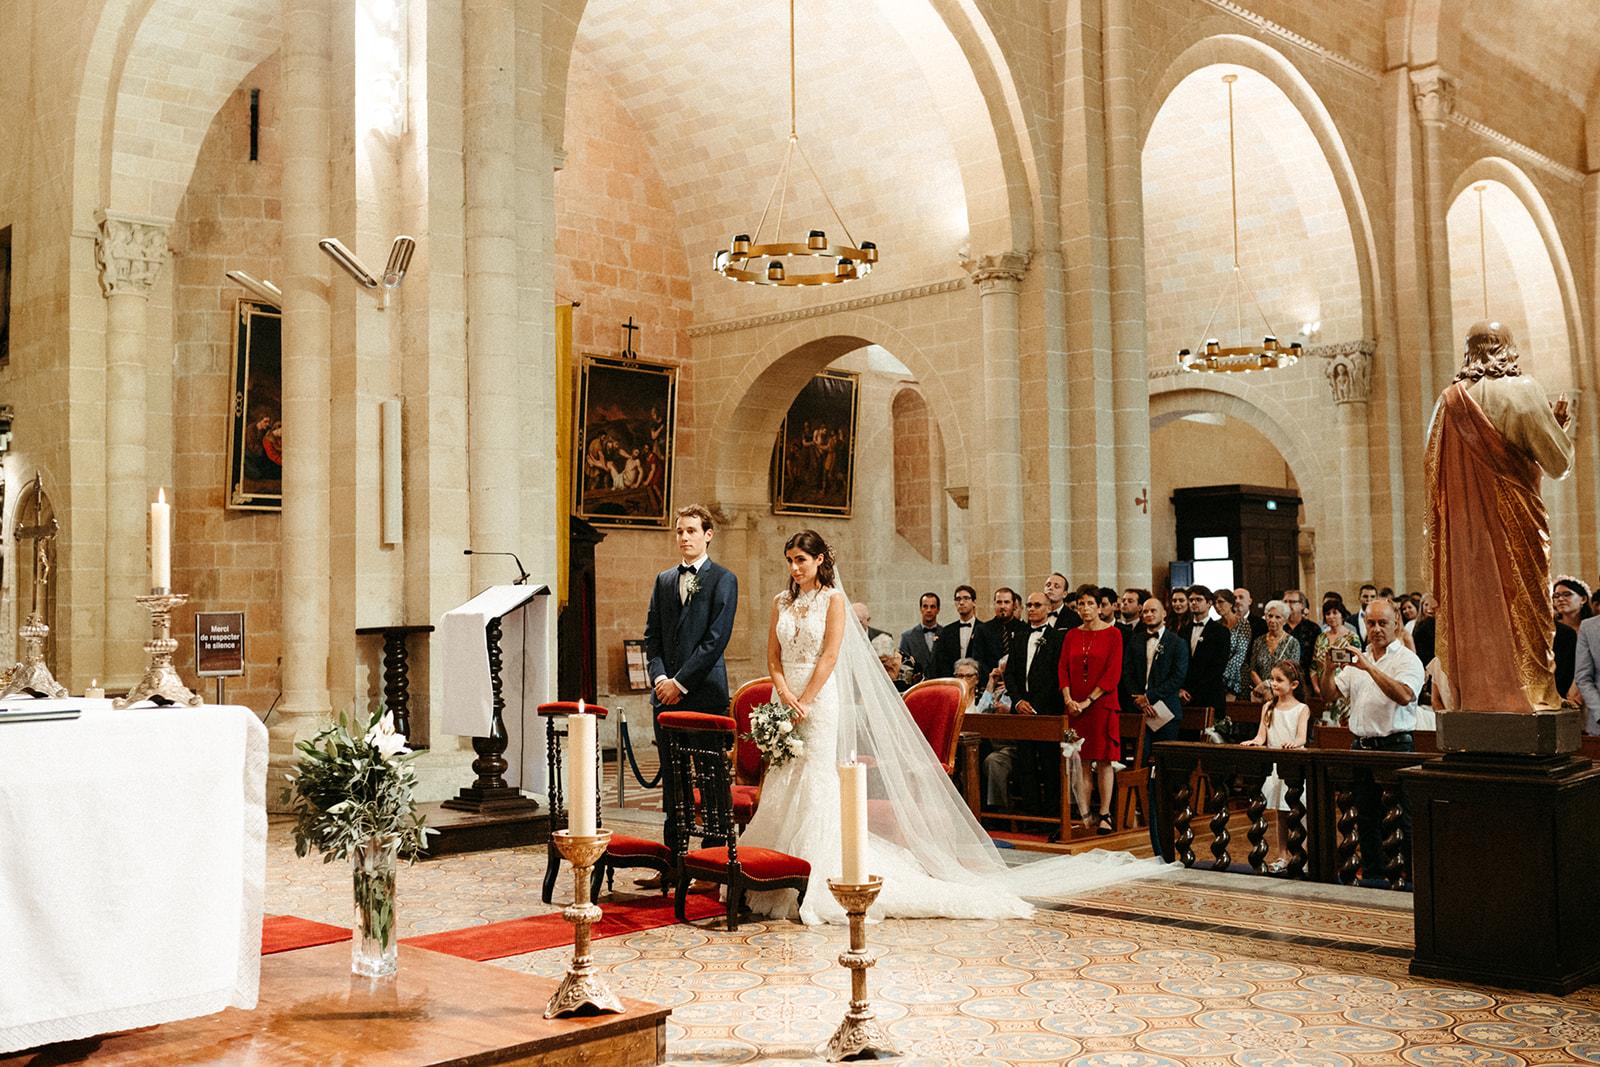 Cécile et Guillaume mariage-173_websize.jpg